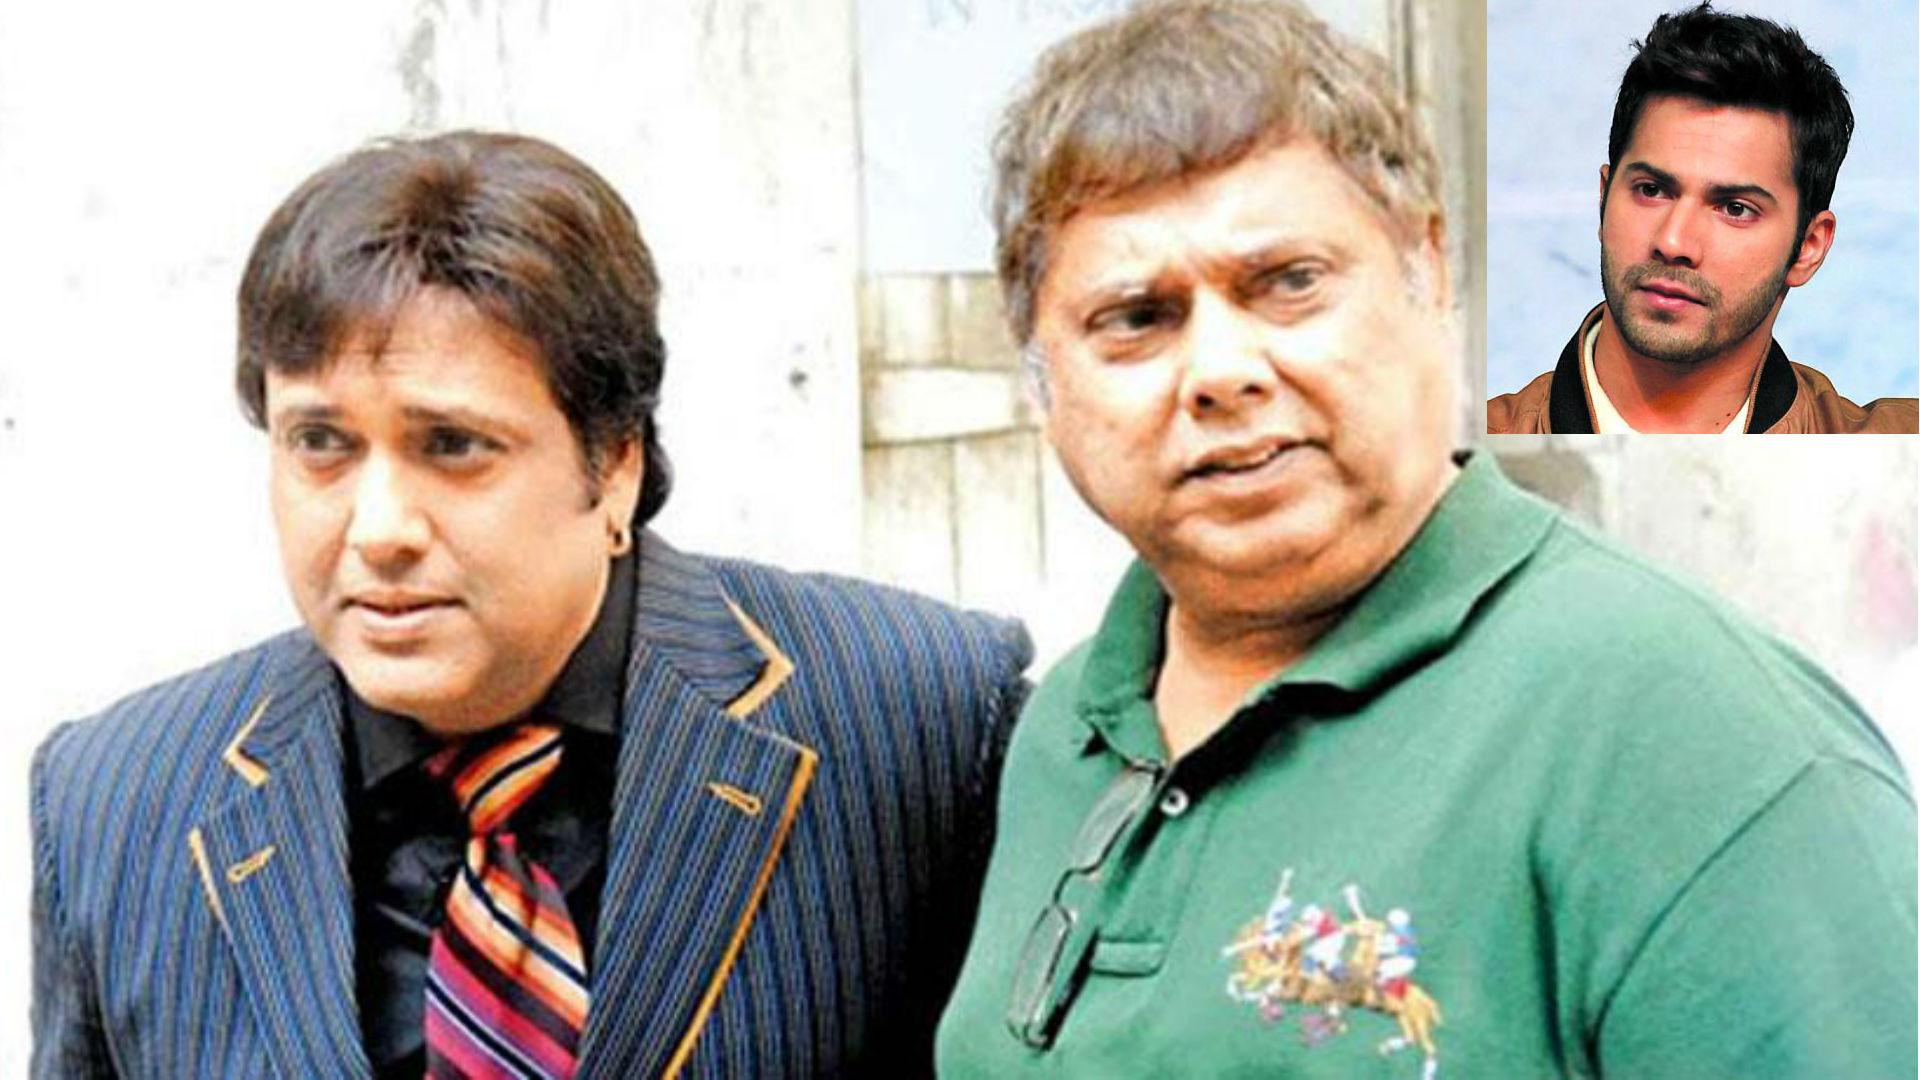 डेविड धवन पर भड़के गोविंदा, कहा- मैंने उनके साथ 17 फिल्में की, जो उनका बेटा वरुण धवन भी नहीं करेगा